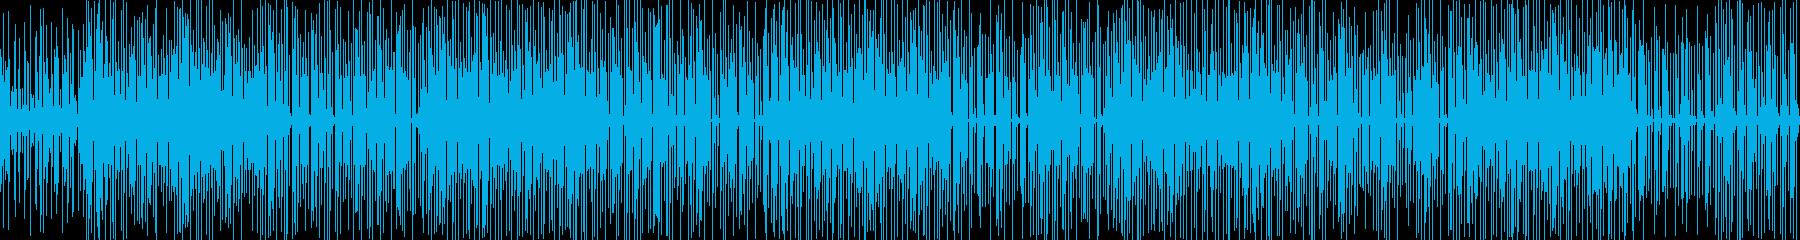 明るくかわいいレゲエポップの再生済みの波形